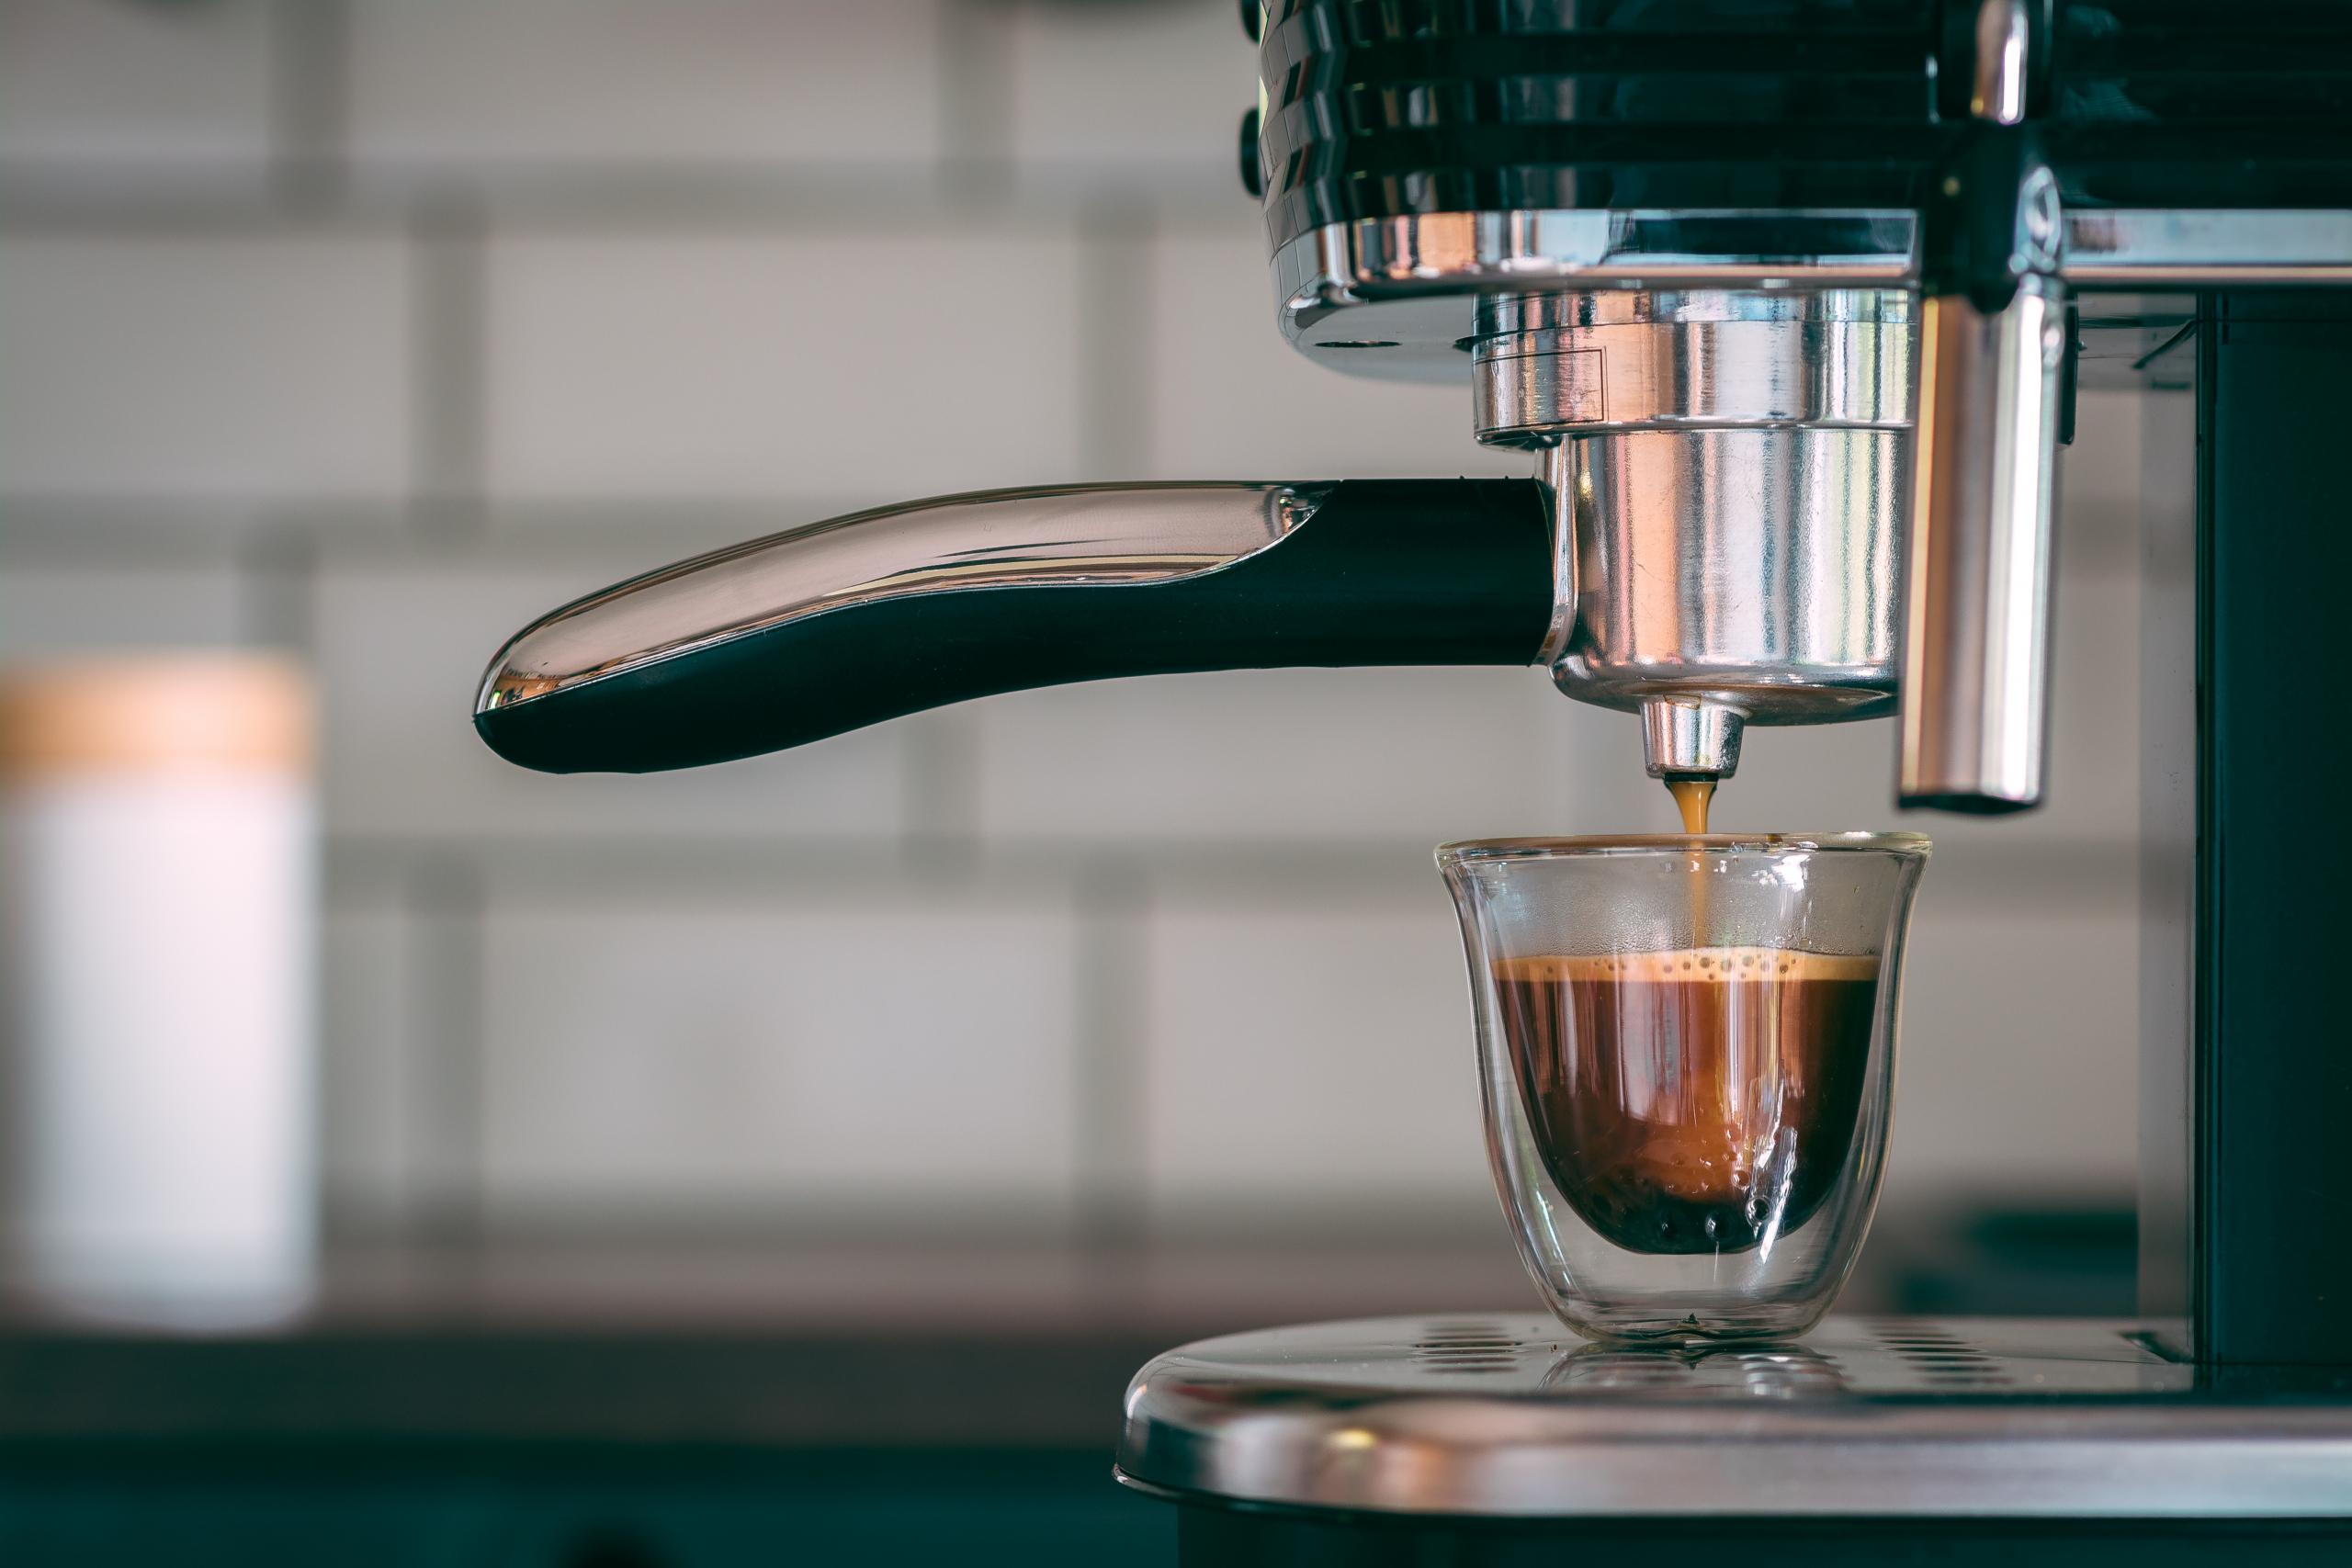 Các lưu ý về nước khi pha cà phê